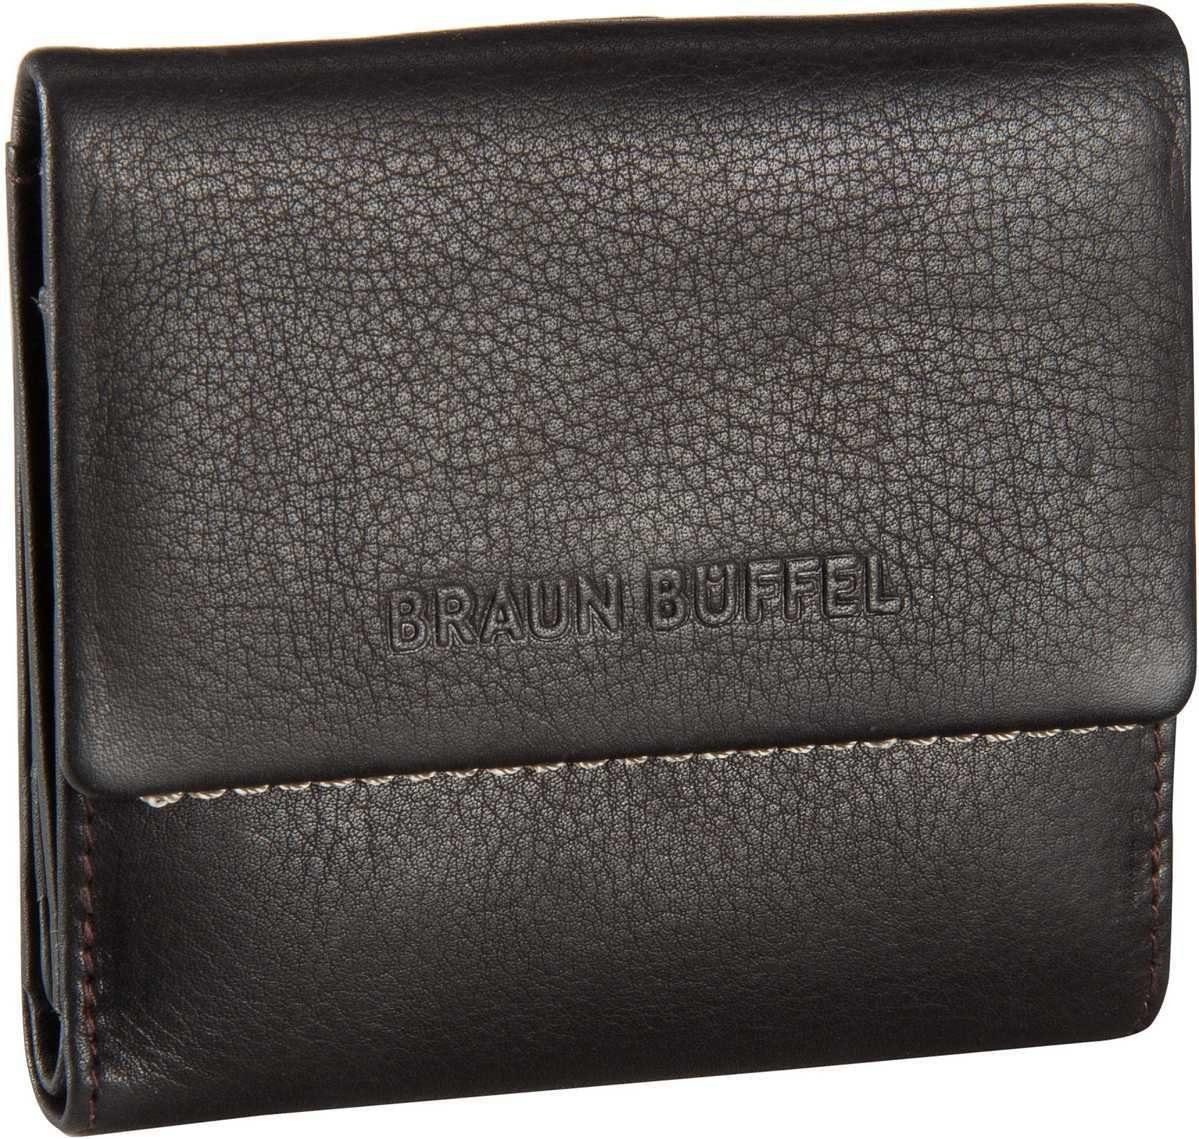 Braun Büffel Brescia 52653 Geldbörse